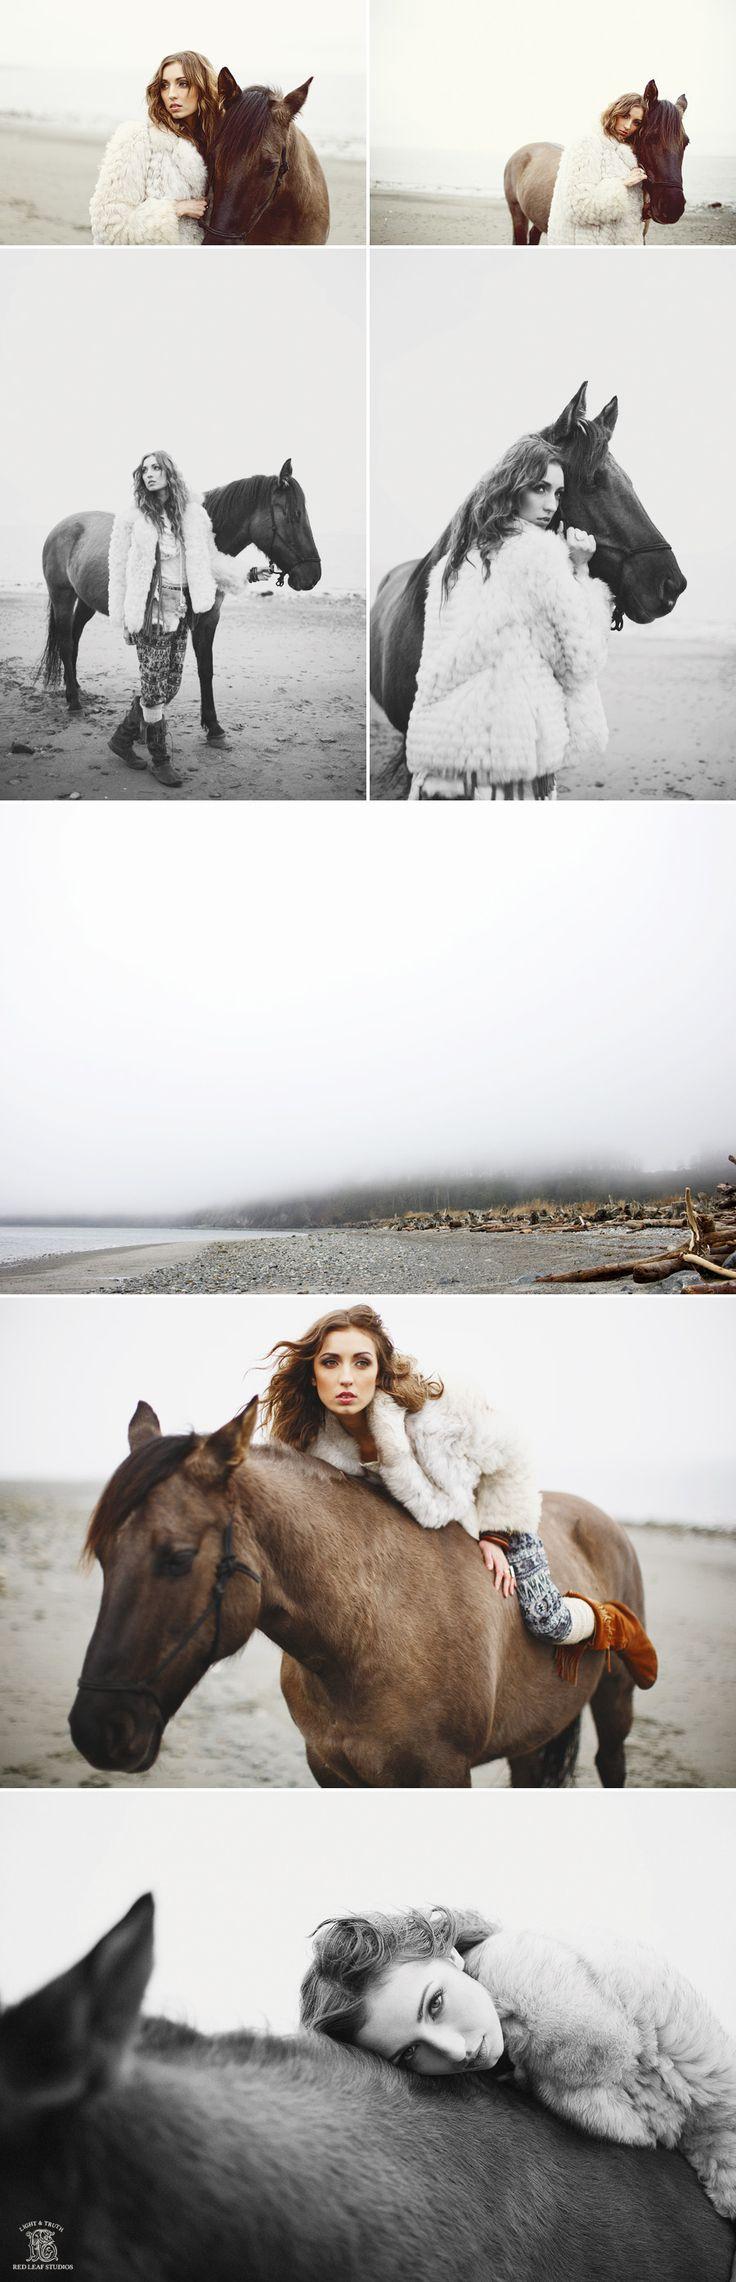 light&truth. horse&beach